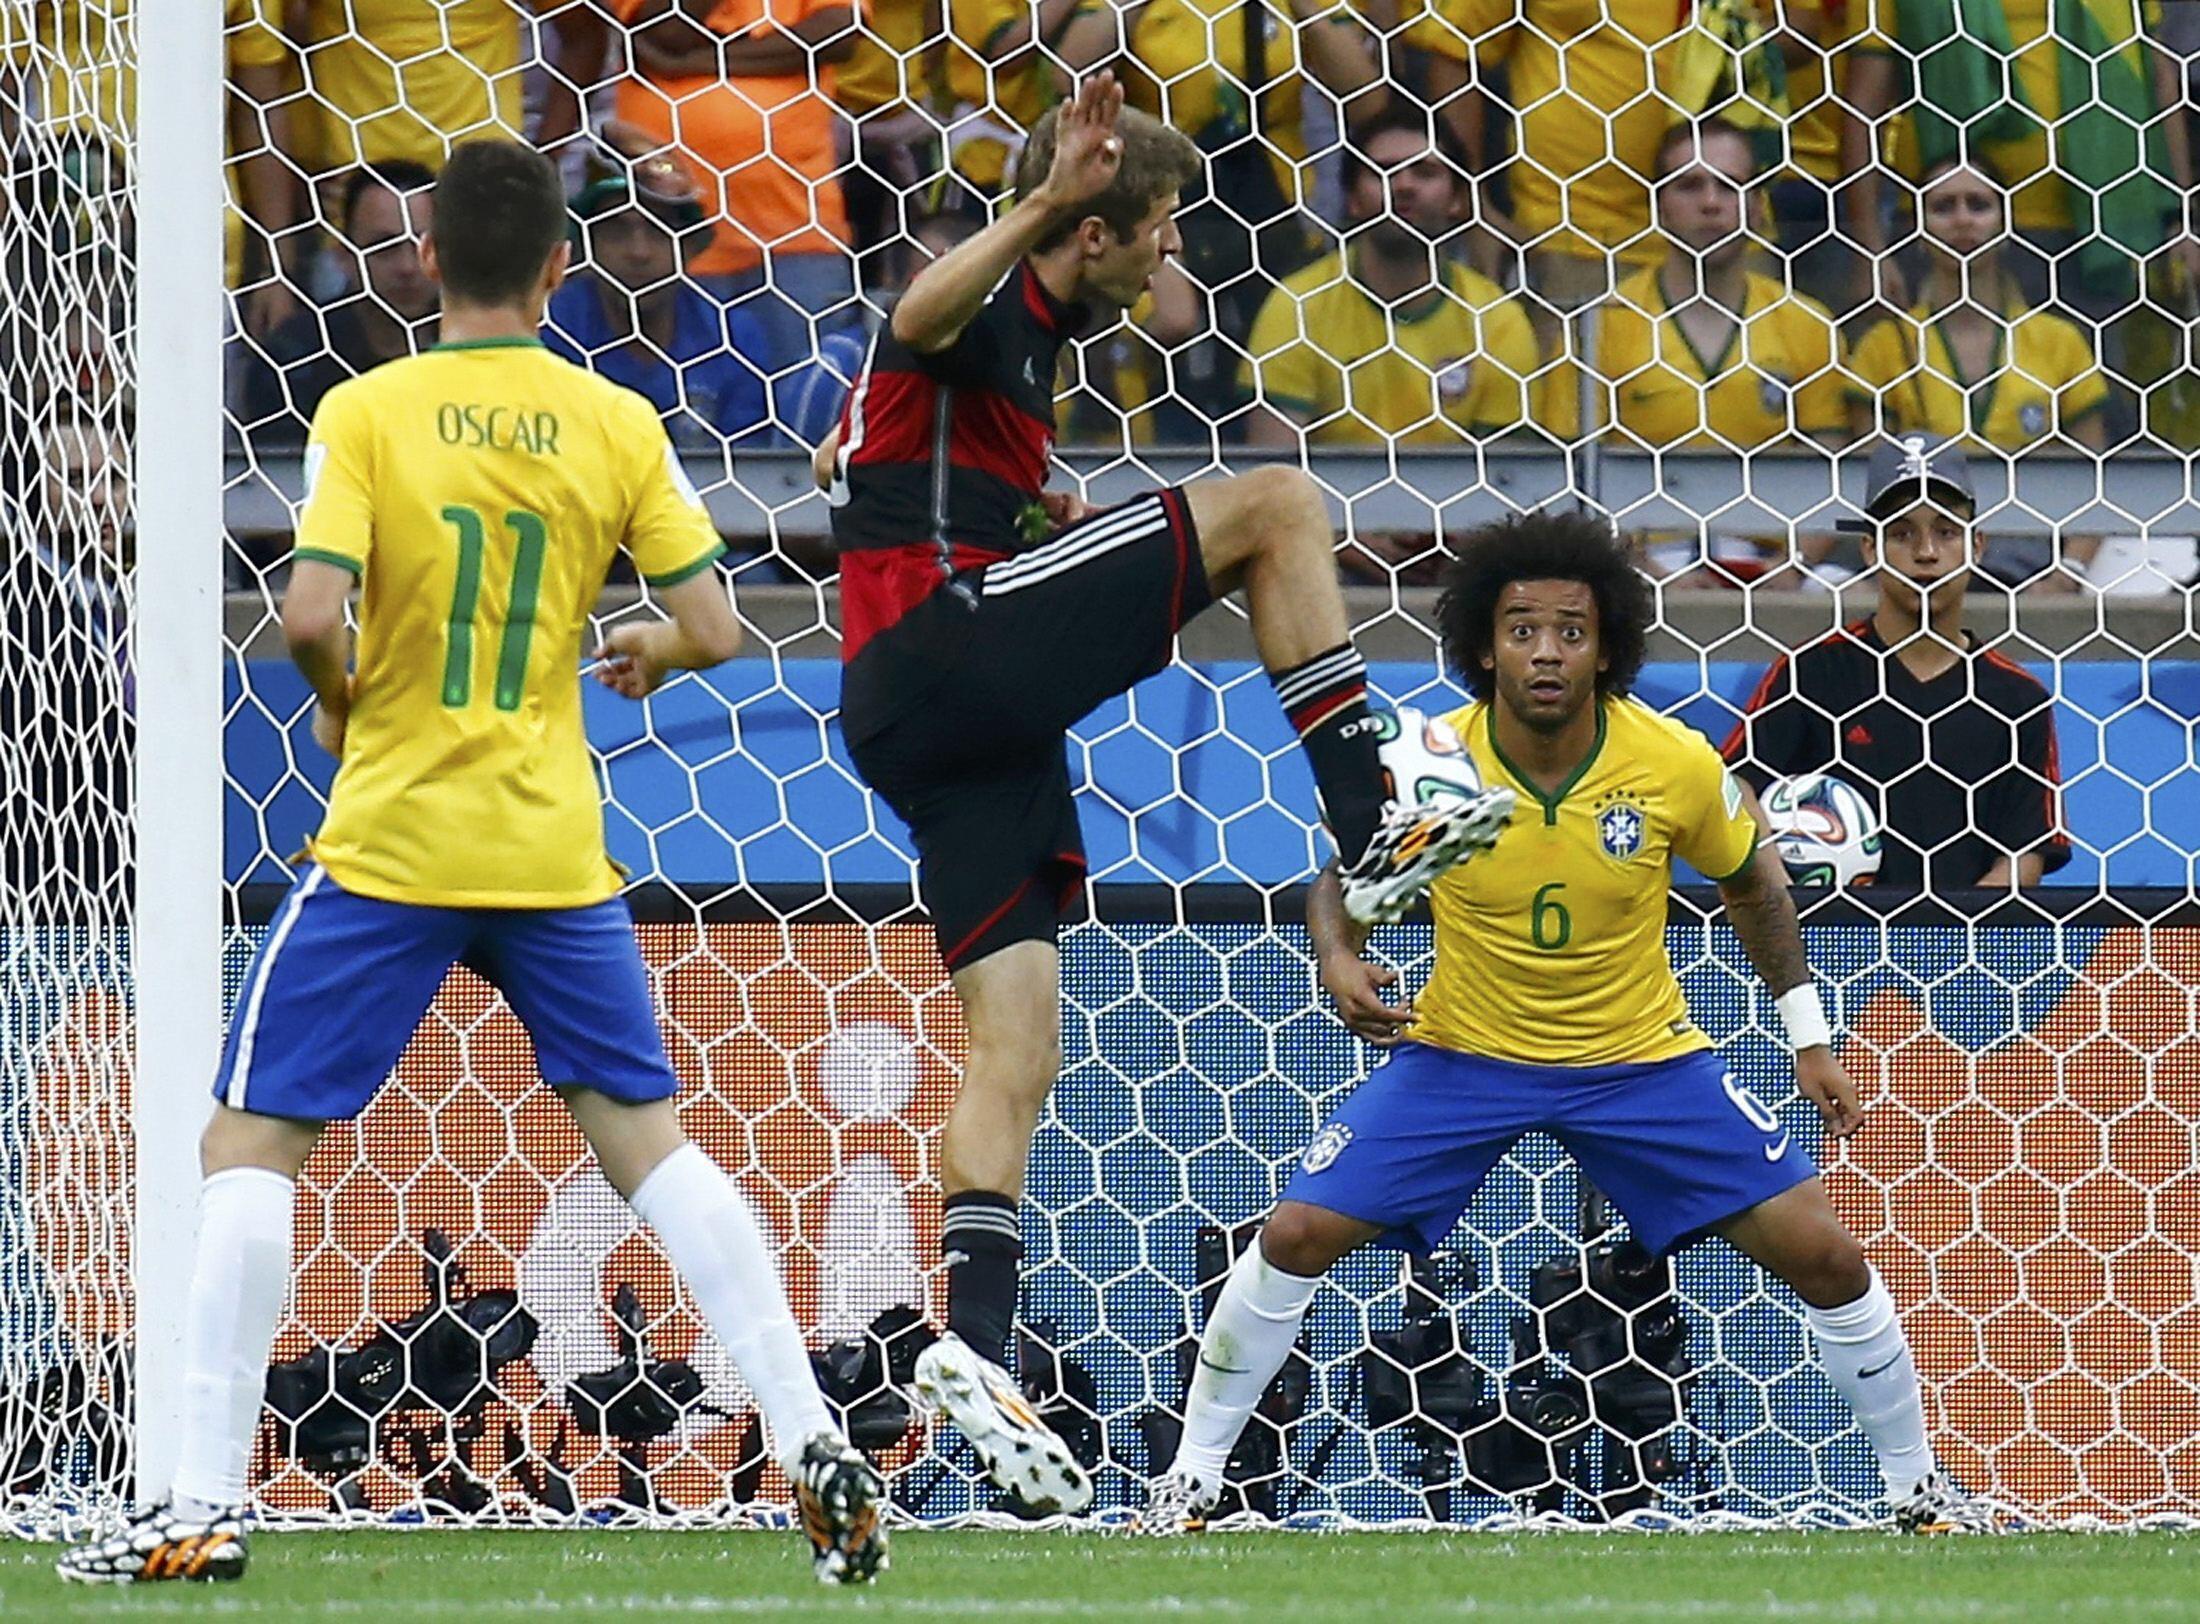 Singapore chê Đức khi chiếu phim chống cá độ bóng đá, nhưng Đức lại thắng Brazil với tỷ số 7-1 / REUTERS - Kai Pfaffenbach